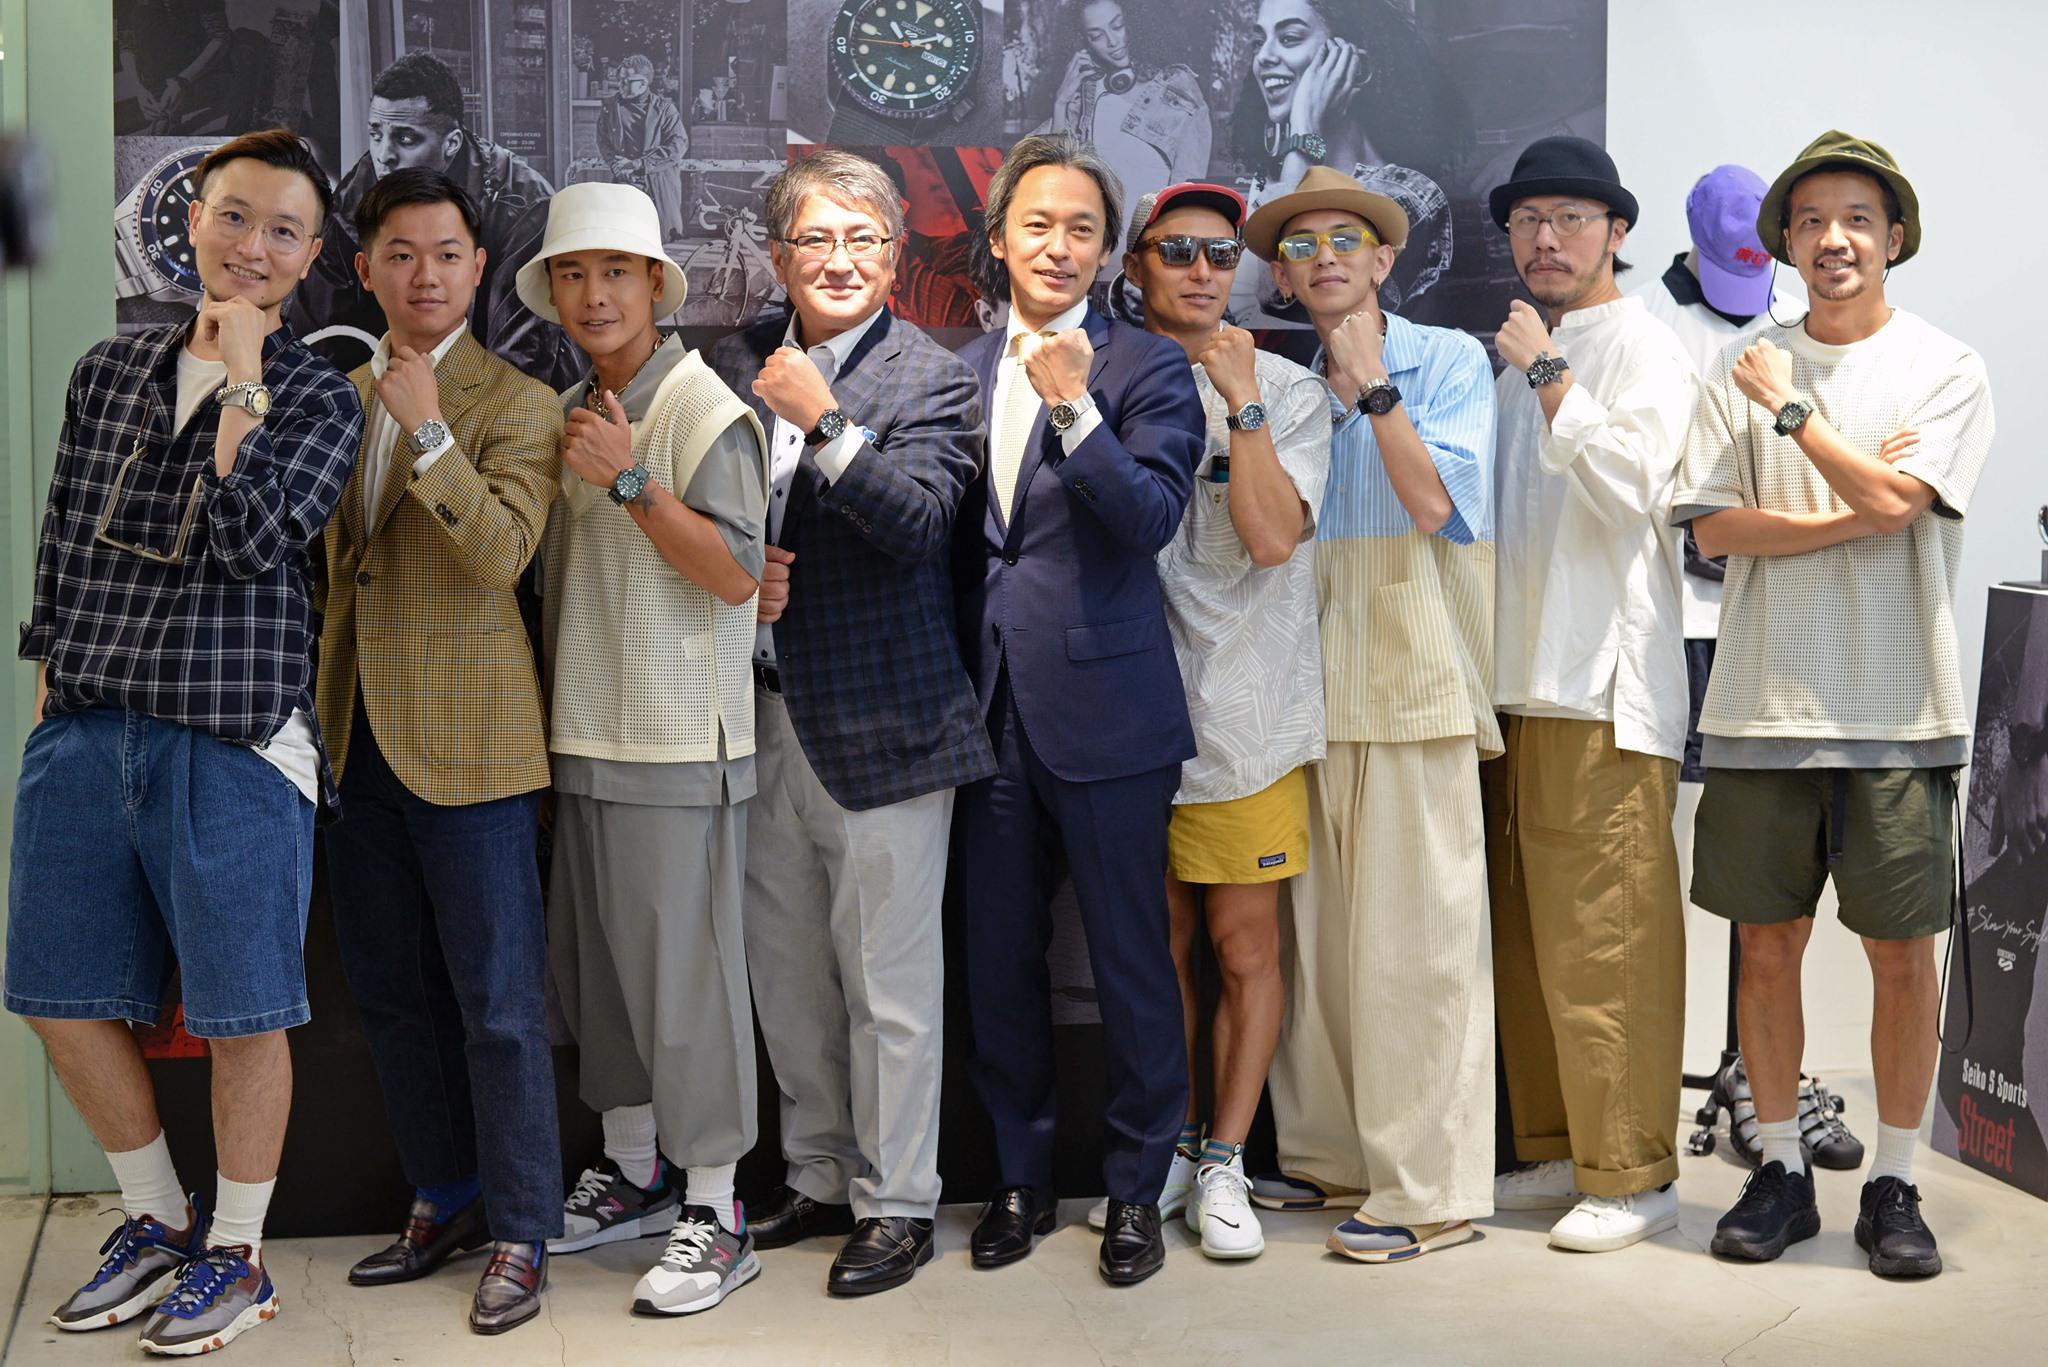 seiko 5 sports,seiko,seiko 機械錶,seiko男錶,seiko 5 sports日本製,seiko taiwan,seiko 台灣,seiko 5 sports 2019